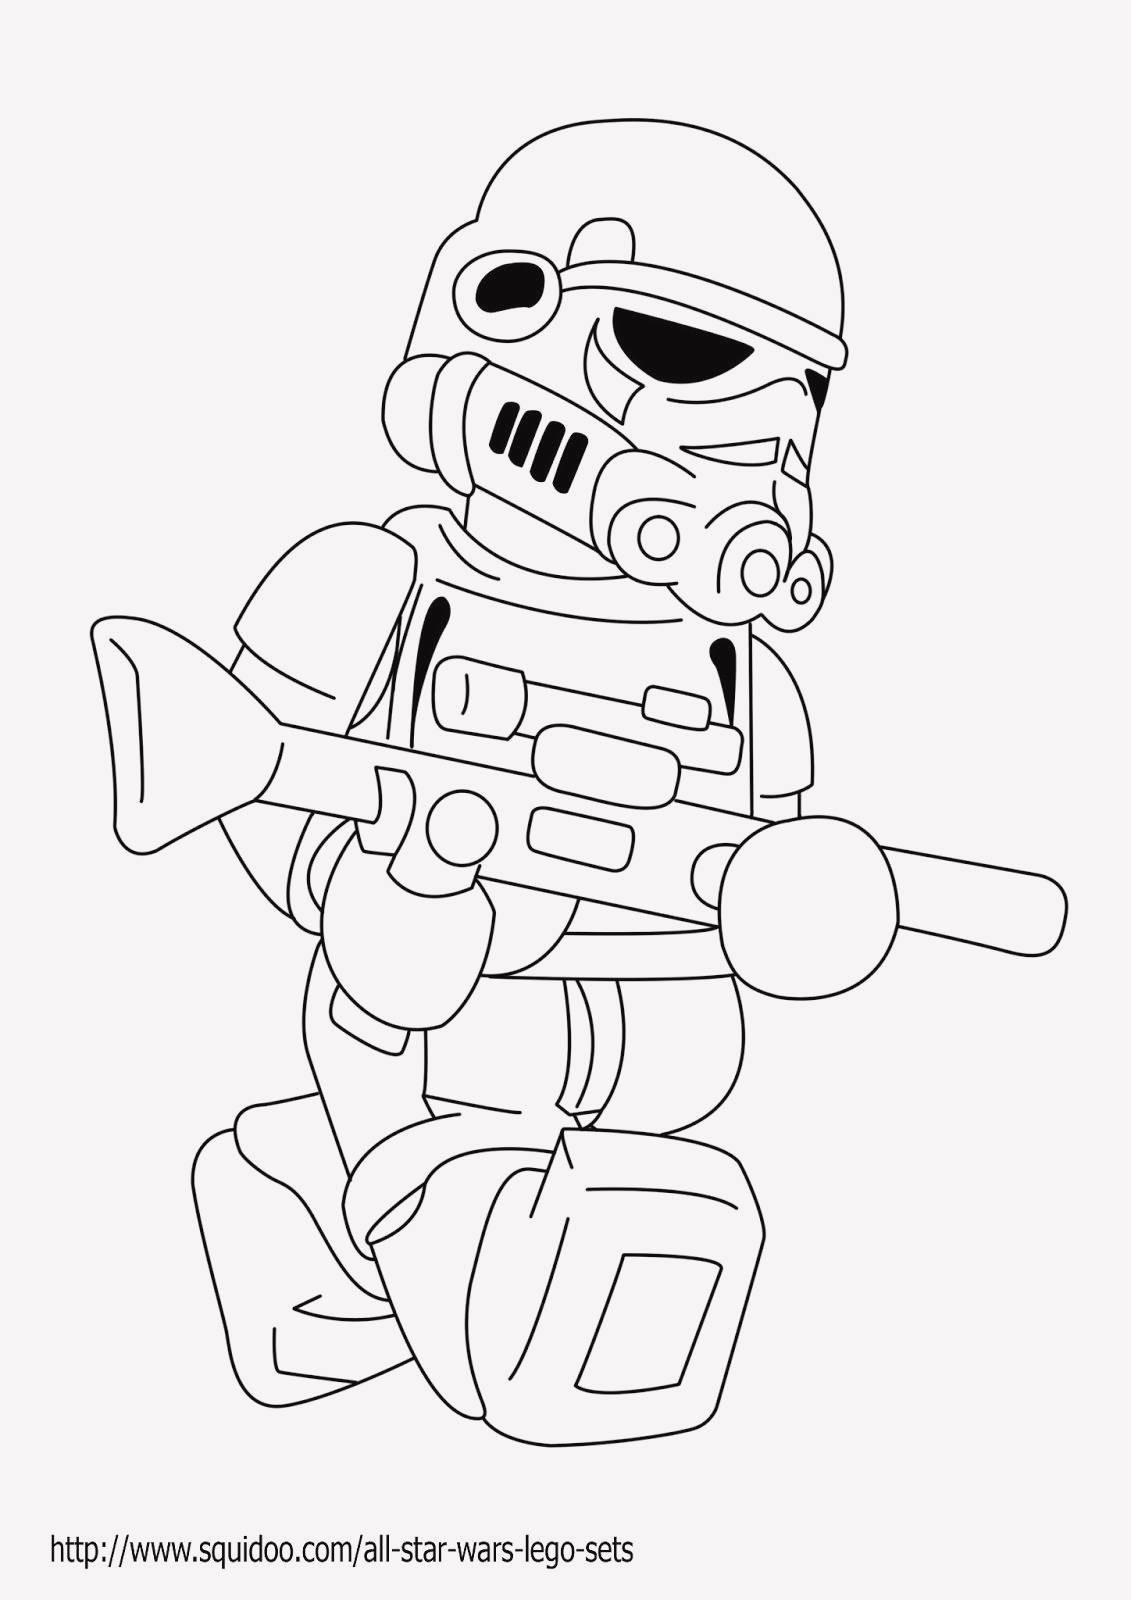 Ausmalbilder Star Wars Lego Frisch 25 Druckbar Lego Star Wars Ausmalbilder Zum Drucken Stock